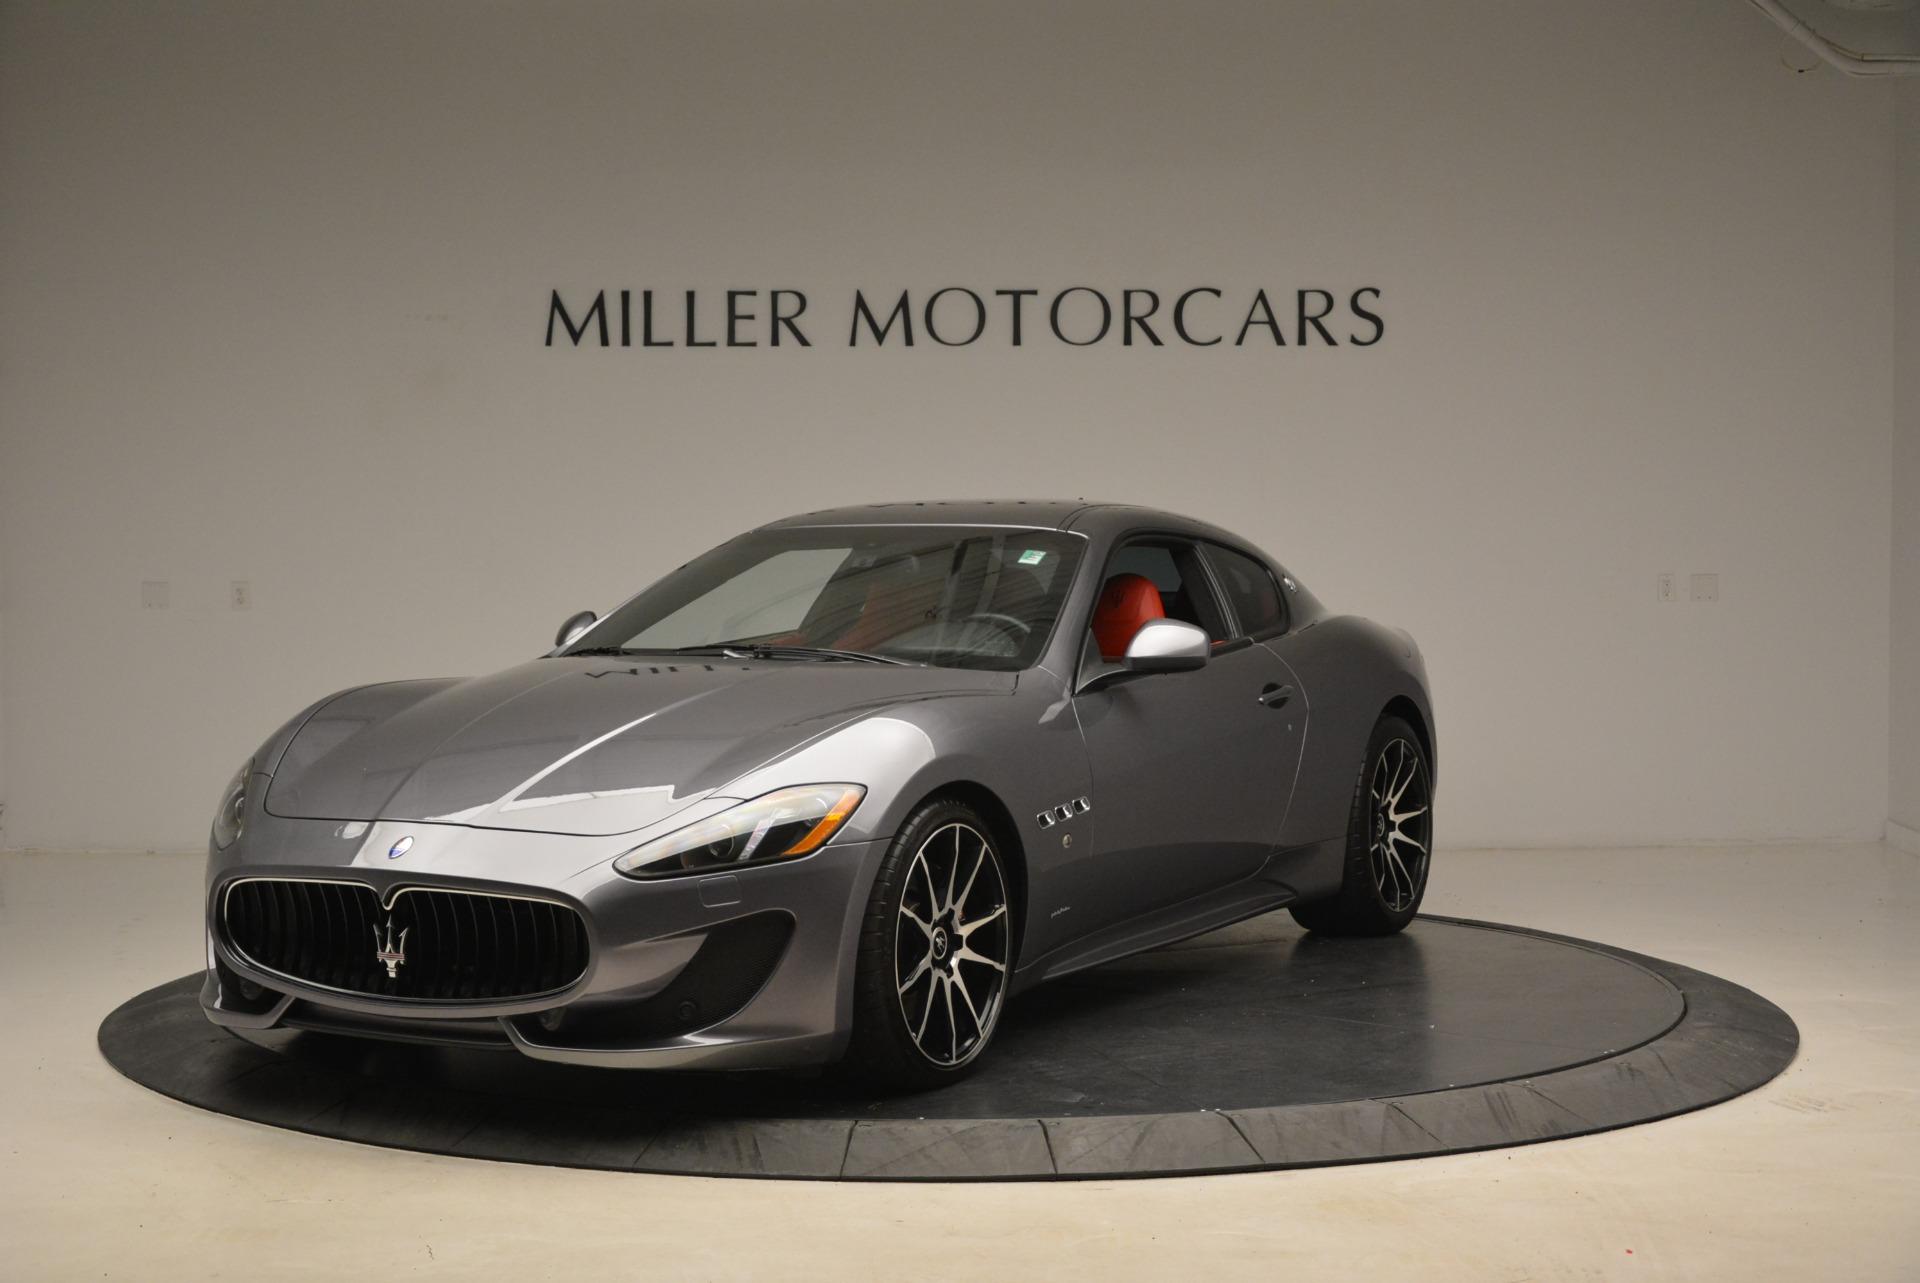 Used 2014 Maserati GranTurismo Sport for sale Sold at Alfa Romeo of Greenwich in Greenwich CT 06830 1